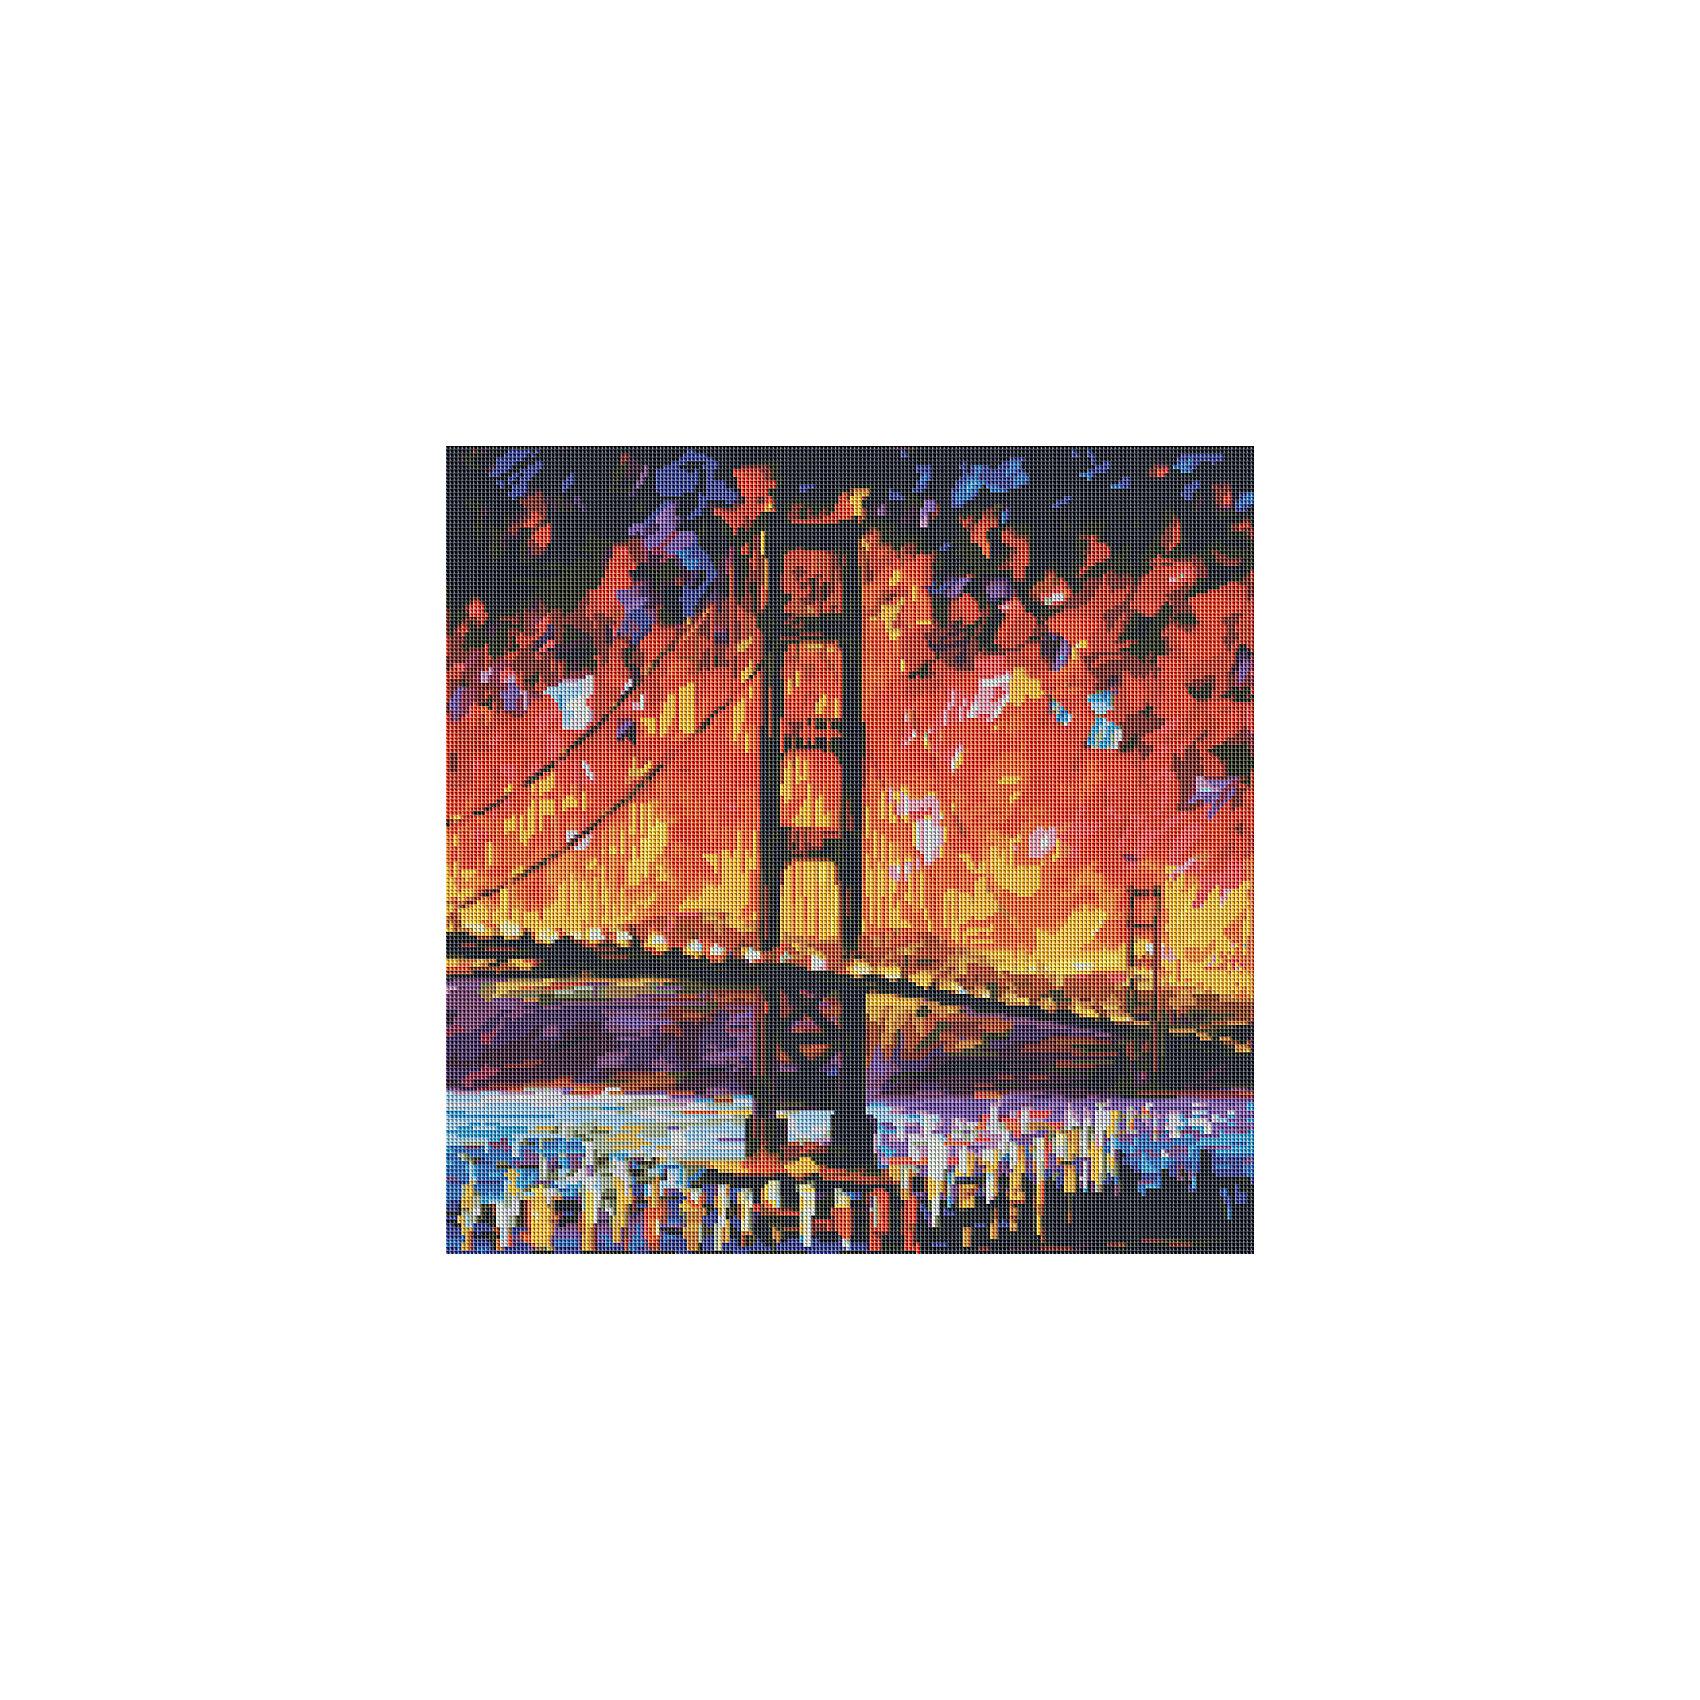 Мозаичная картина Мост Золотые воротаМозаика<br>Мозаичная картина Мост Золотые ворота<br><br>Характеристики:<br><br>• Вес: 900г<br>• Размер: 53х53<br>• Тип камней: квадратный<br>• Размер камней: 2,5х2,5мм<br>• Тип выкладки: 100% заполнение<br>• Количество цветов: 42<br>• В комплекте: основа с клеевым слоем и схемой, набор алмазных камней, пинцет, лоток для мозаики, инструкция<br><br>Данный набор подойдет даже для начинающего рукодельника. Из него выйдет прекрасная мерцающая картина. Нанесение камушков с помощью пинцета не составит труда. В комплекте идет лоточек, в который можно положить нужный вам цвет и избежать рассыпания алмазов по всему рабочему месту. <br><br>Каждый цвет упакован в отдельный пакетик с номером соответствующим номеру на схеме. Весь набор находится в прозрачном тубусе, что делает его аккуратным и компактным.<br><br>Мозаичная картина Мост Золотые ворота можно купить в нашем интернет-магазине.<br><br>Ширина мм: 90<br>Глубина мм: 90<br>Высота мм: 6000<br>Вес г: 900<br>Возраст от месяцев: 72<br>Возраст до месяцев: 2147483647<br>Пол: Унисекс<br>Возраст: Детский<br>SKU: 5500439